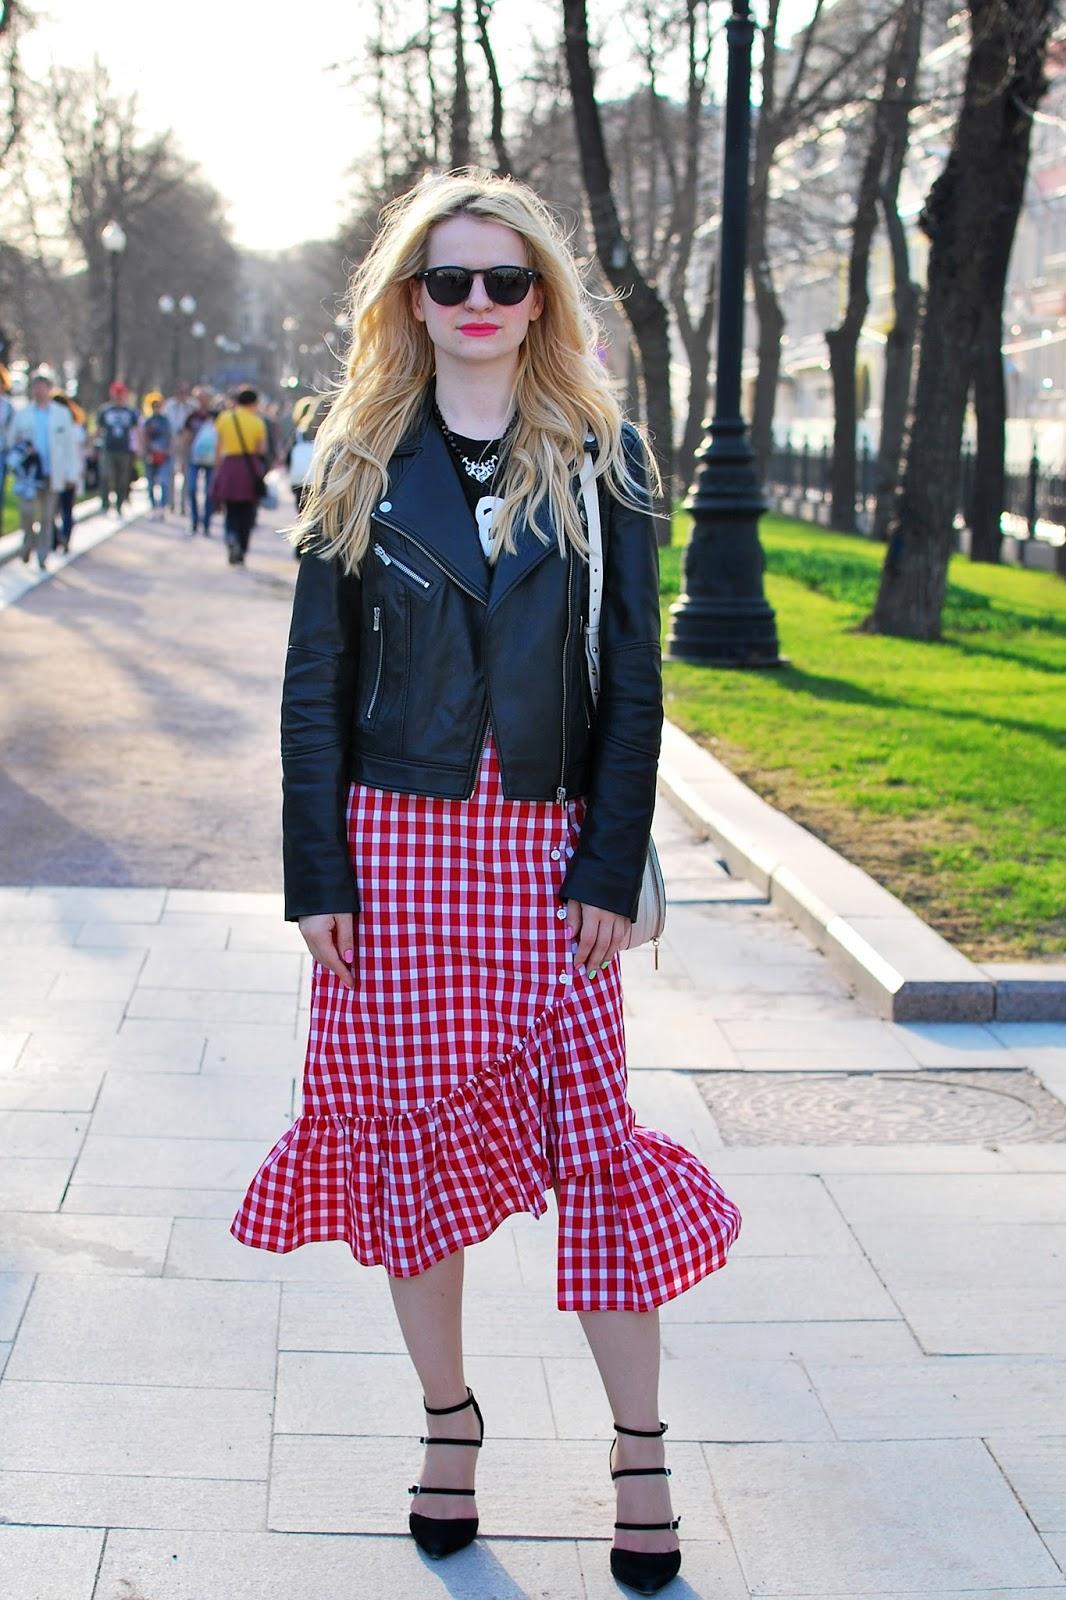 модные блоггеры, тренды 2017, тренд клетка, как носить юбку миди